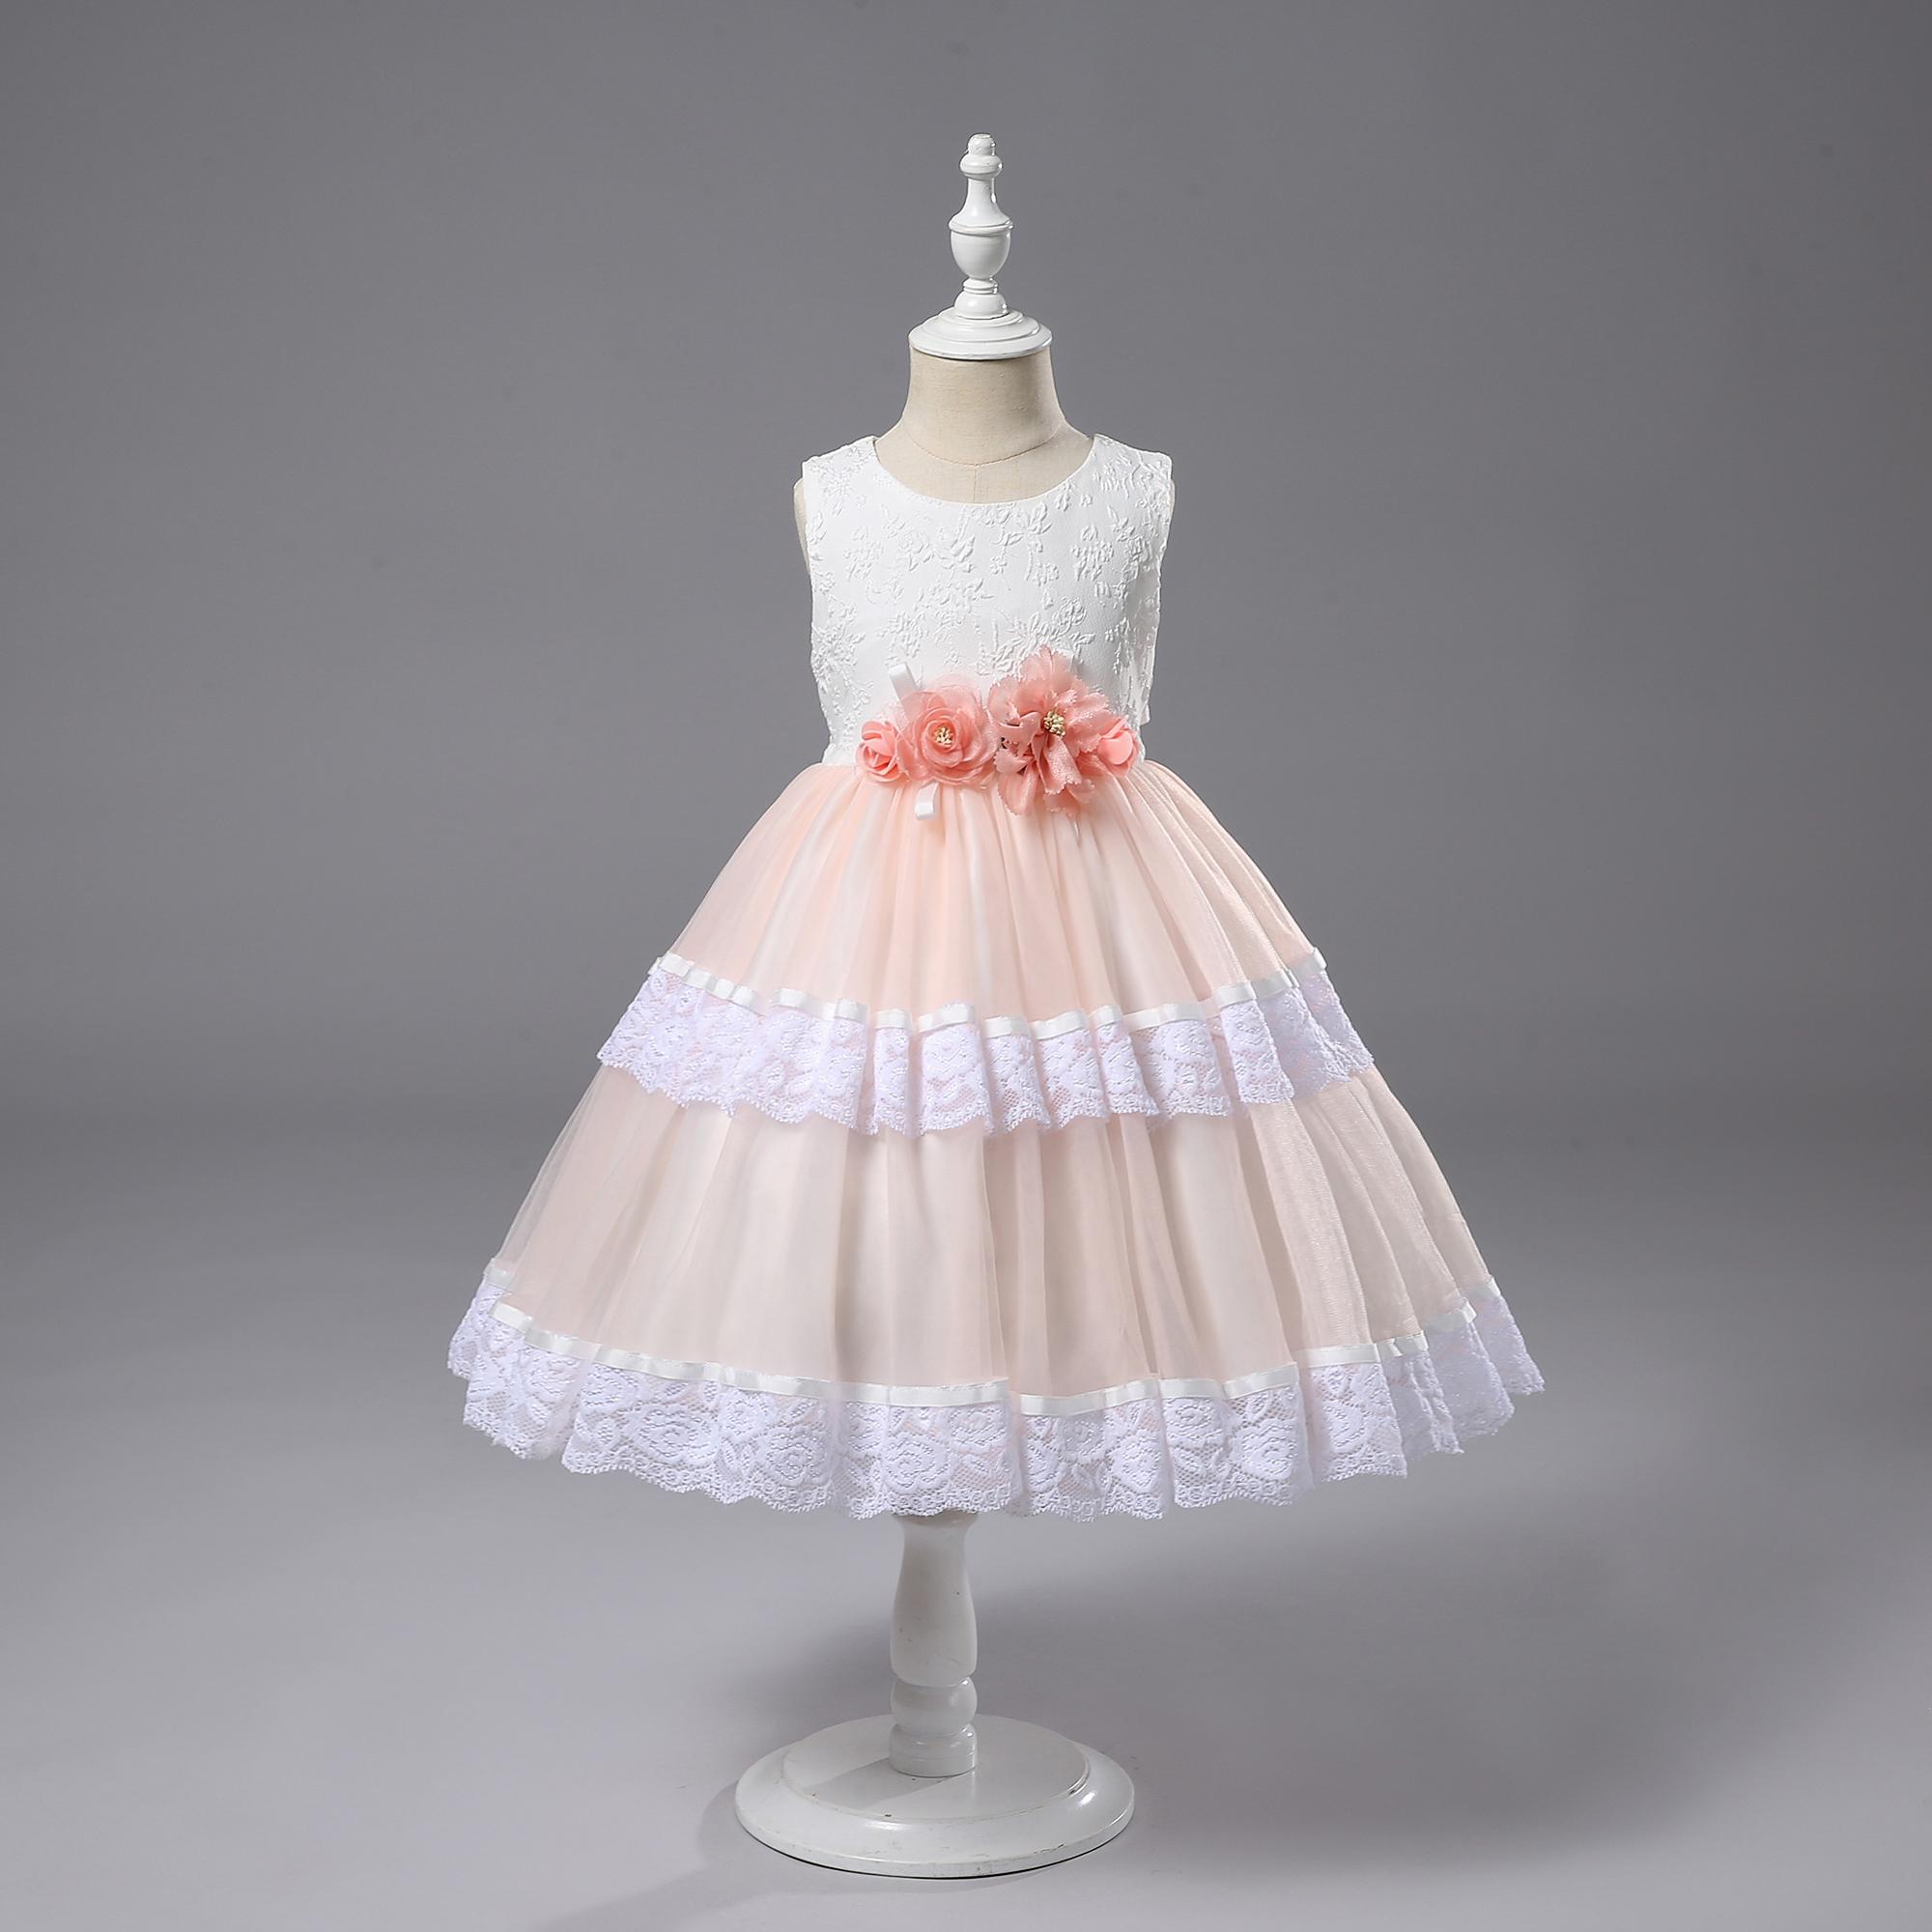 11eebc9cb905c Yüksek Kaliteli Süslü Elbiseler Bebek Kız Üreticilerinden ve Süslü Elbiseler  Bebek Kız Alibaba.com'da yararlanın